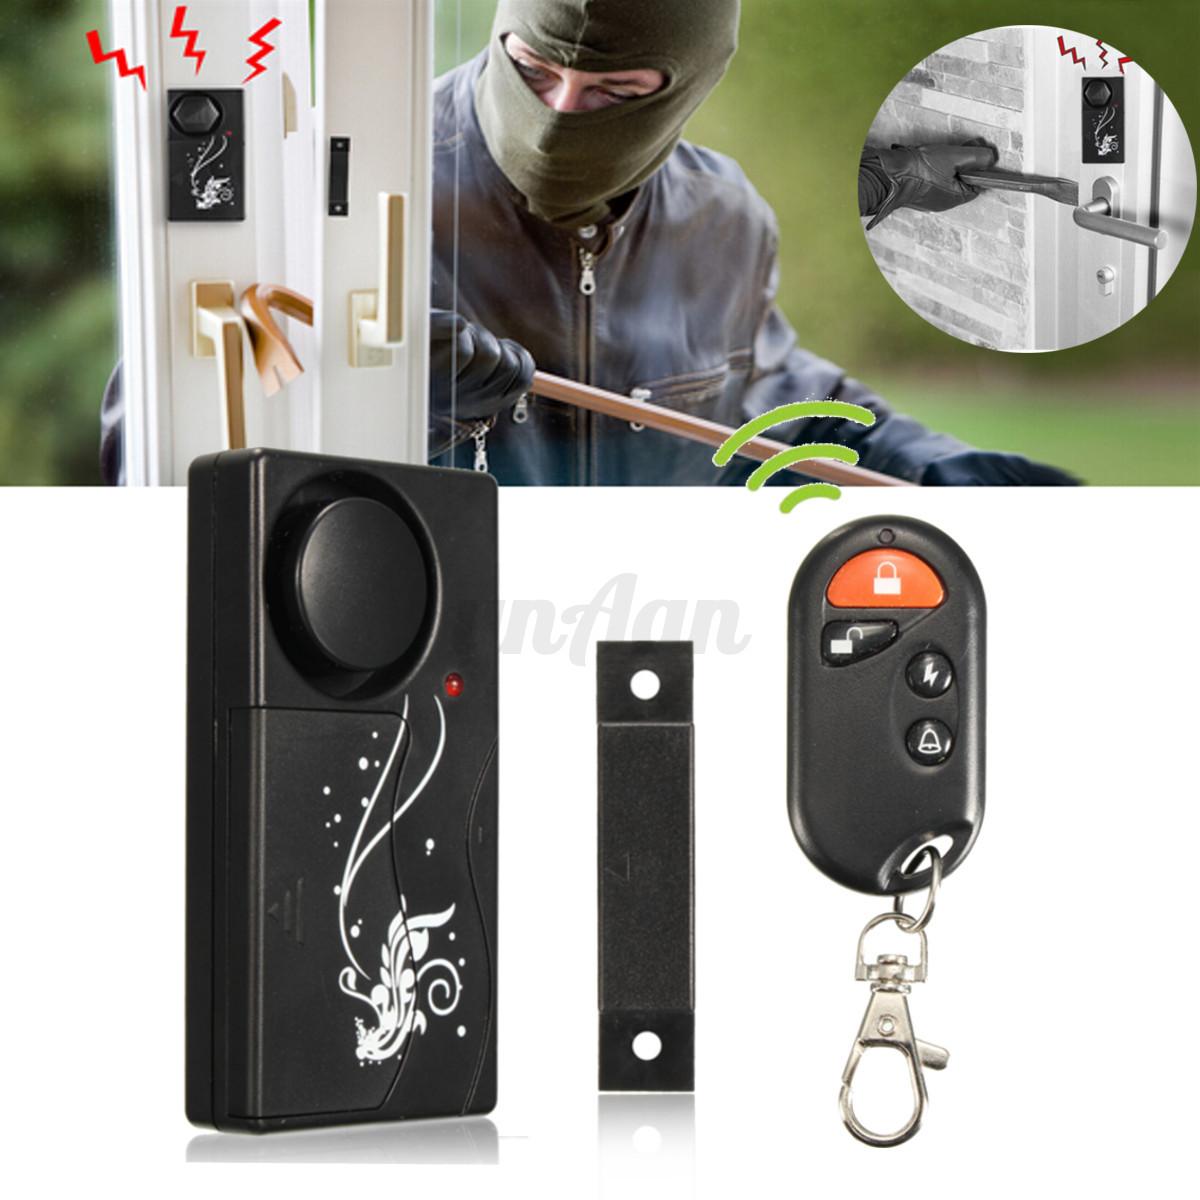 433mhz sans fil capteur alarme de s curit de porte fen tre magn tique maison ebay. Black Bedroom Furniture Sets. Home Design Ideas